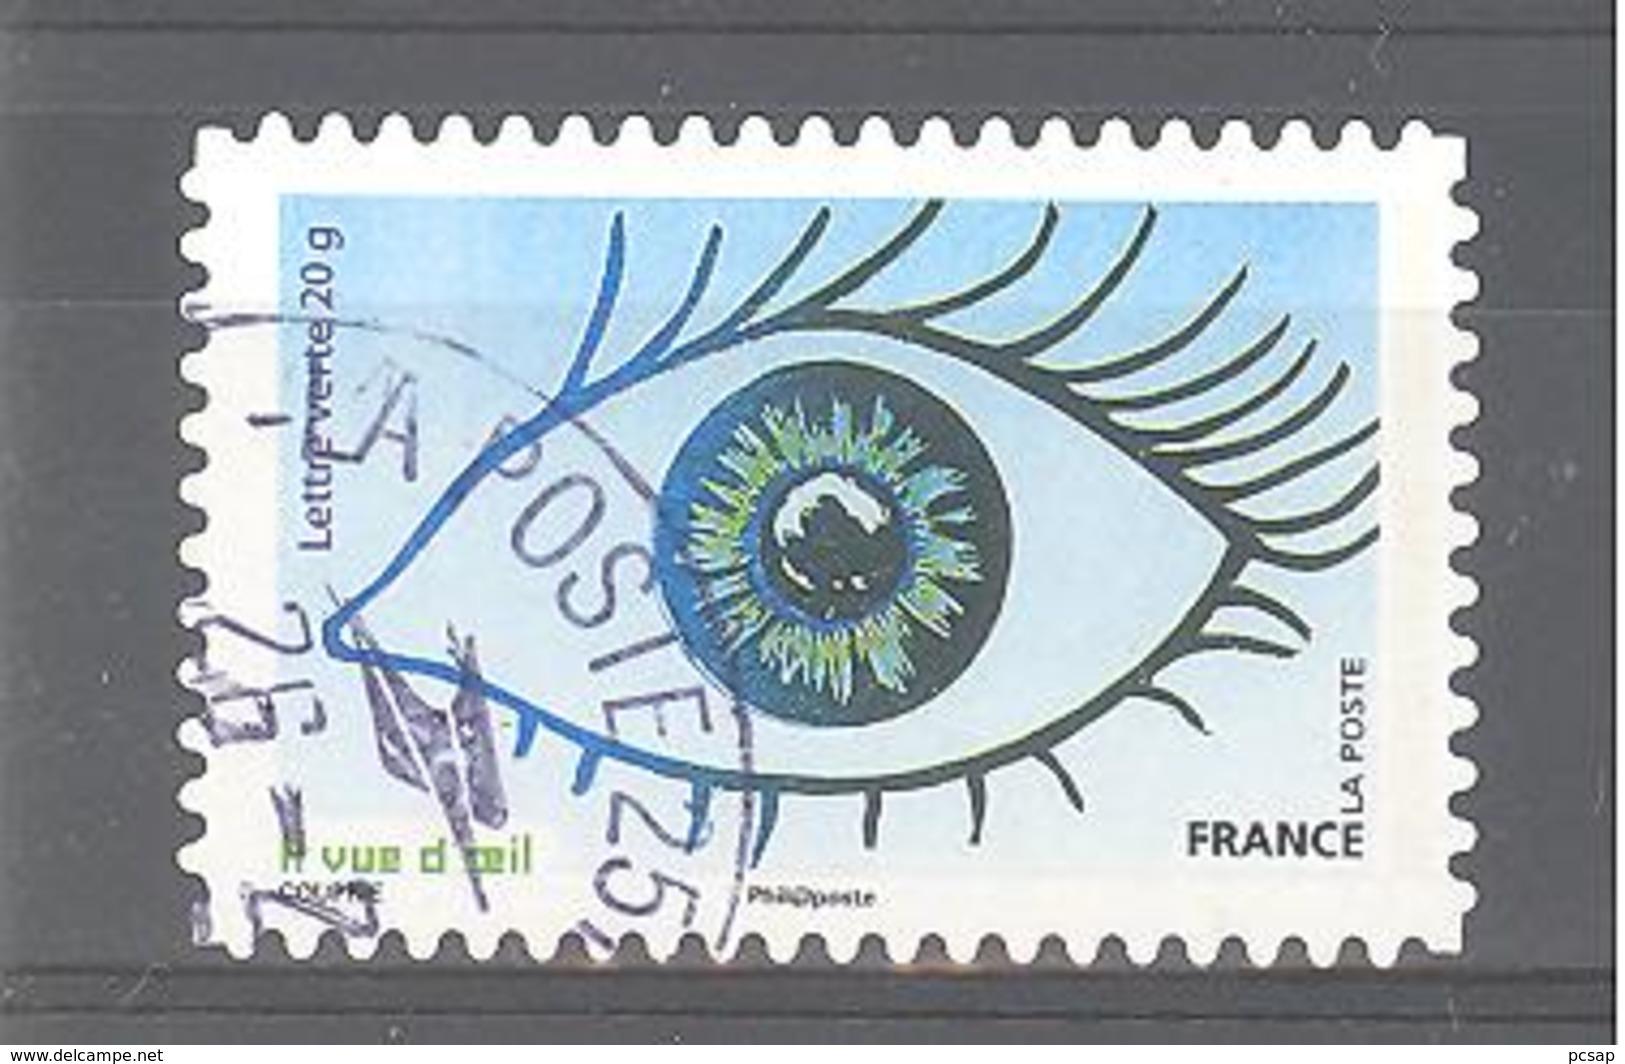 France Autoadhésif Oblitéré N°1181 (la Vue) (cachet Rond) - France